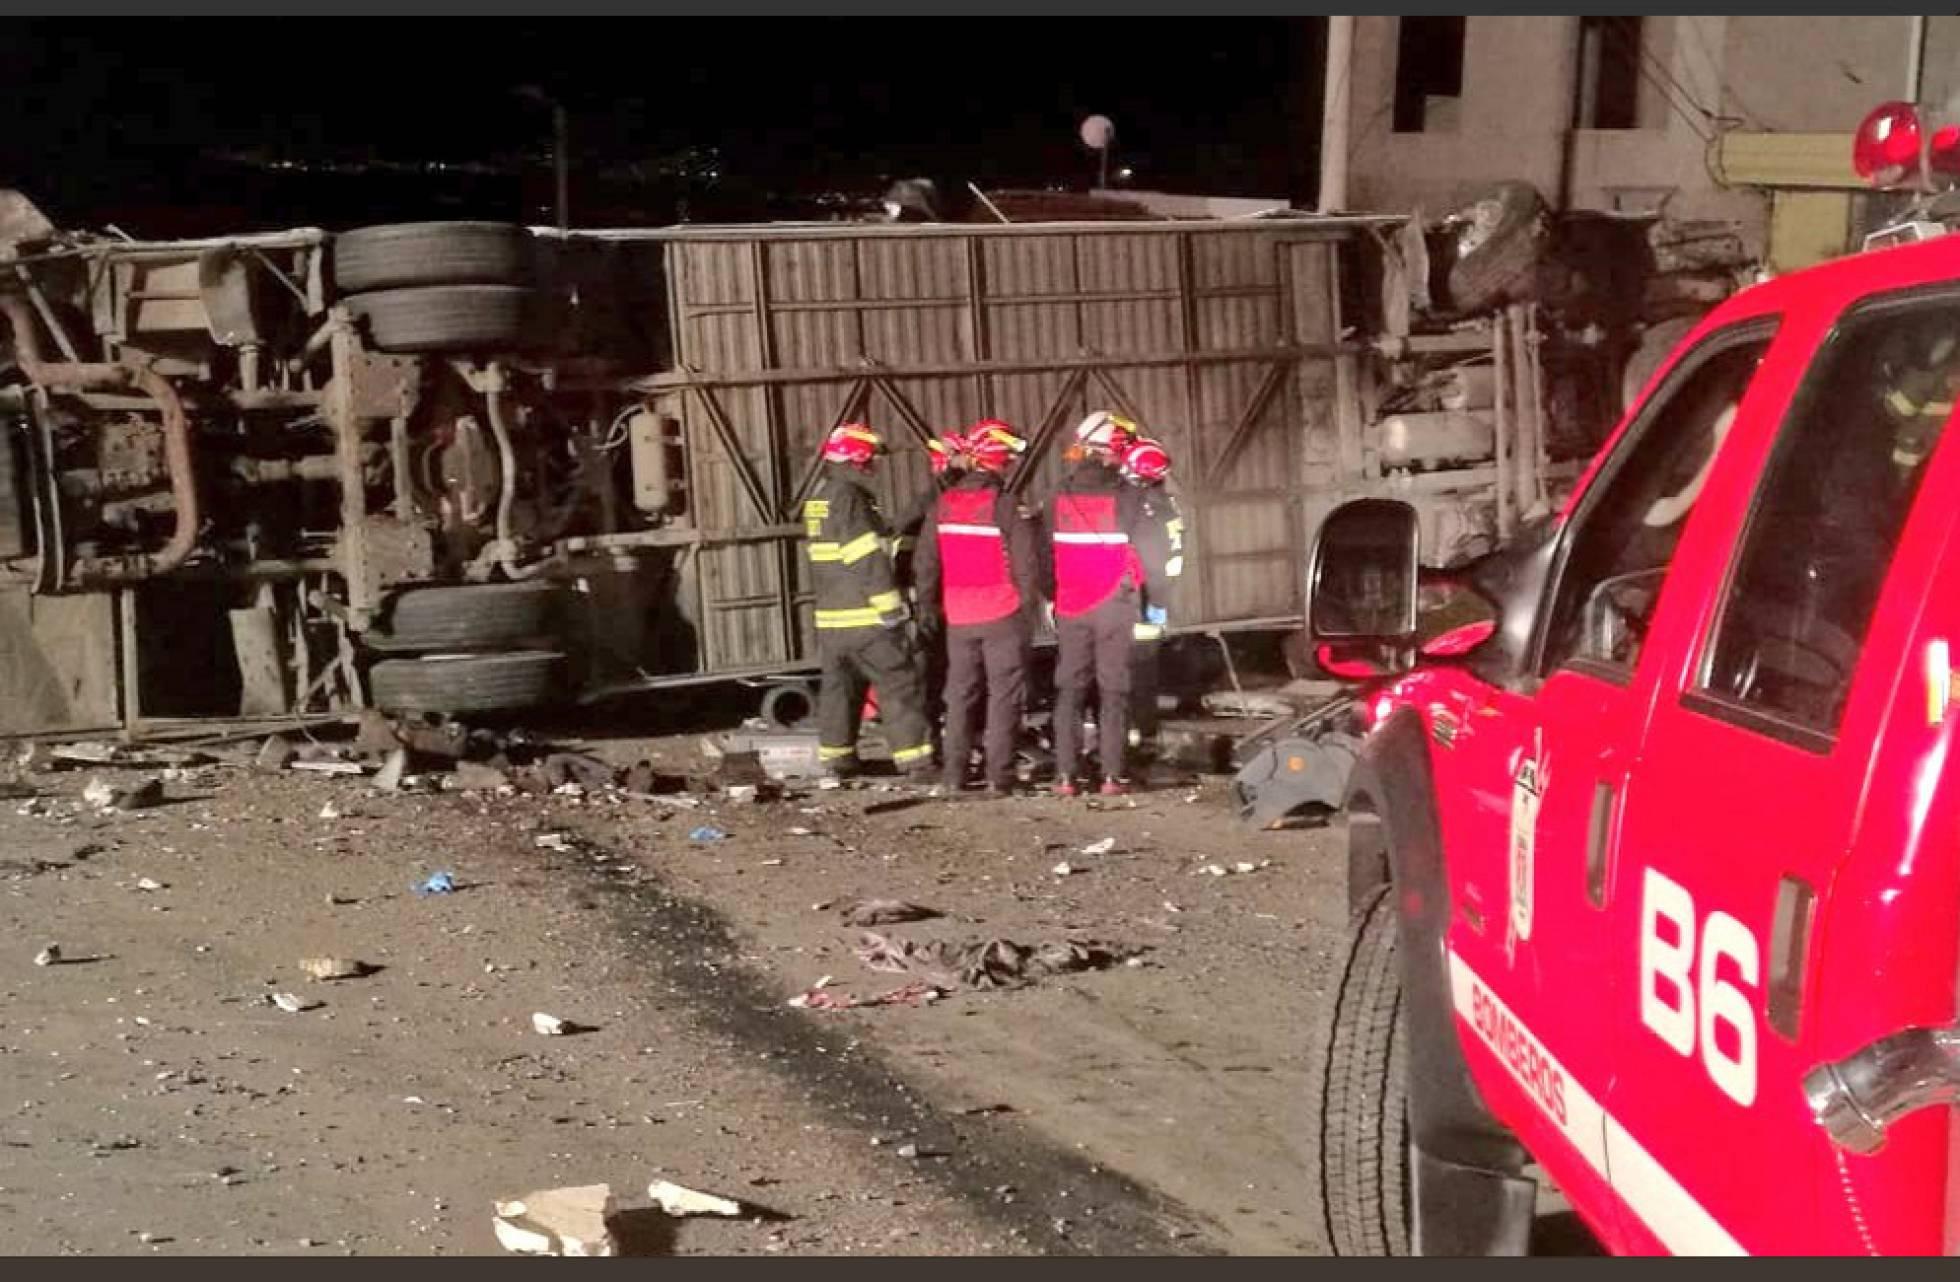 accidente-de-autobus-en-ecuador-hay-al-menos-24-personas-fallecidas